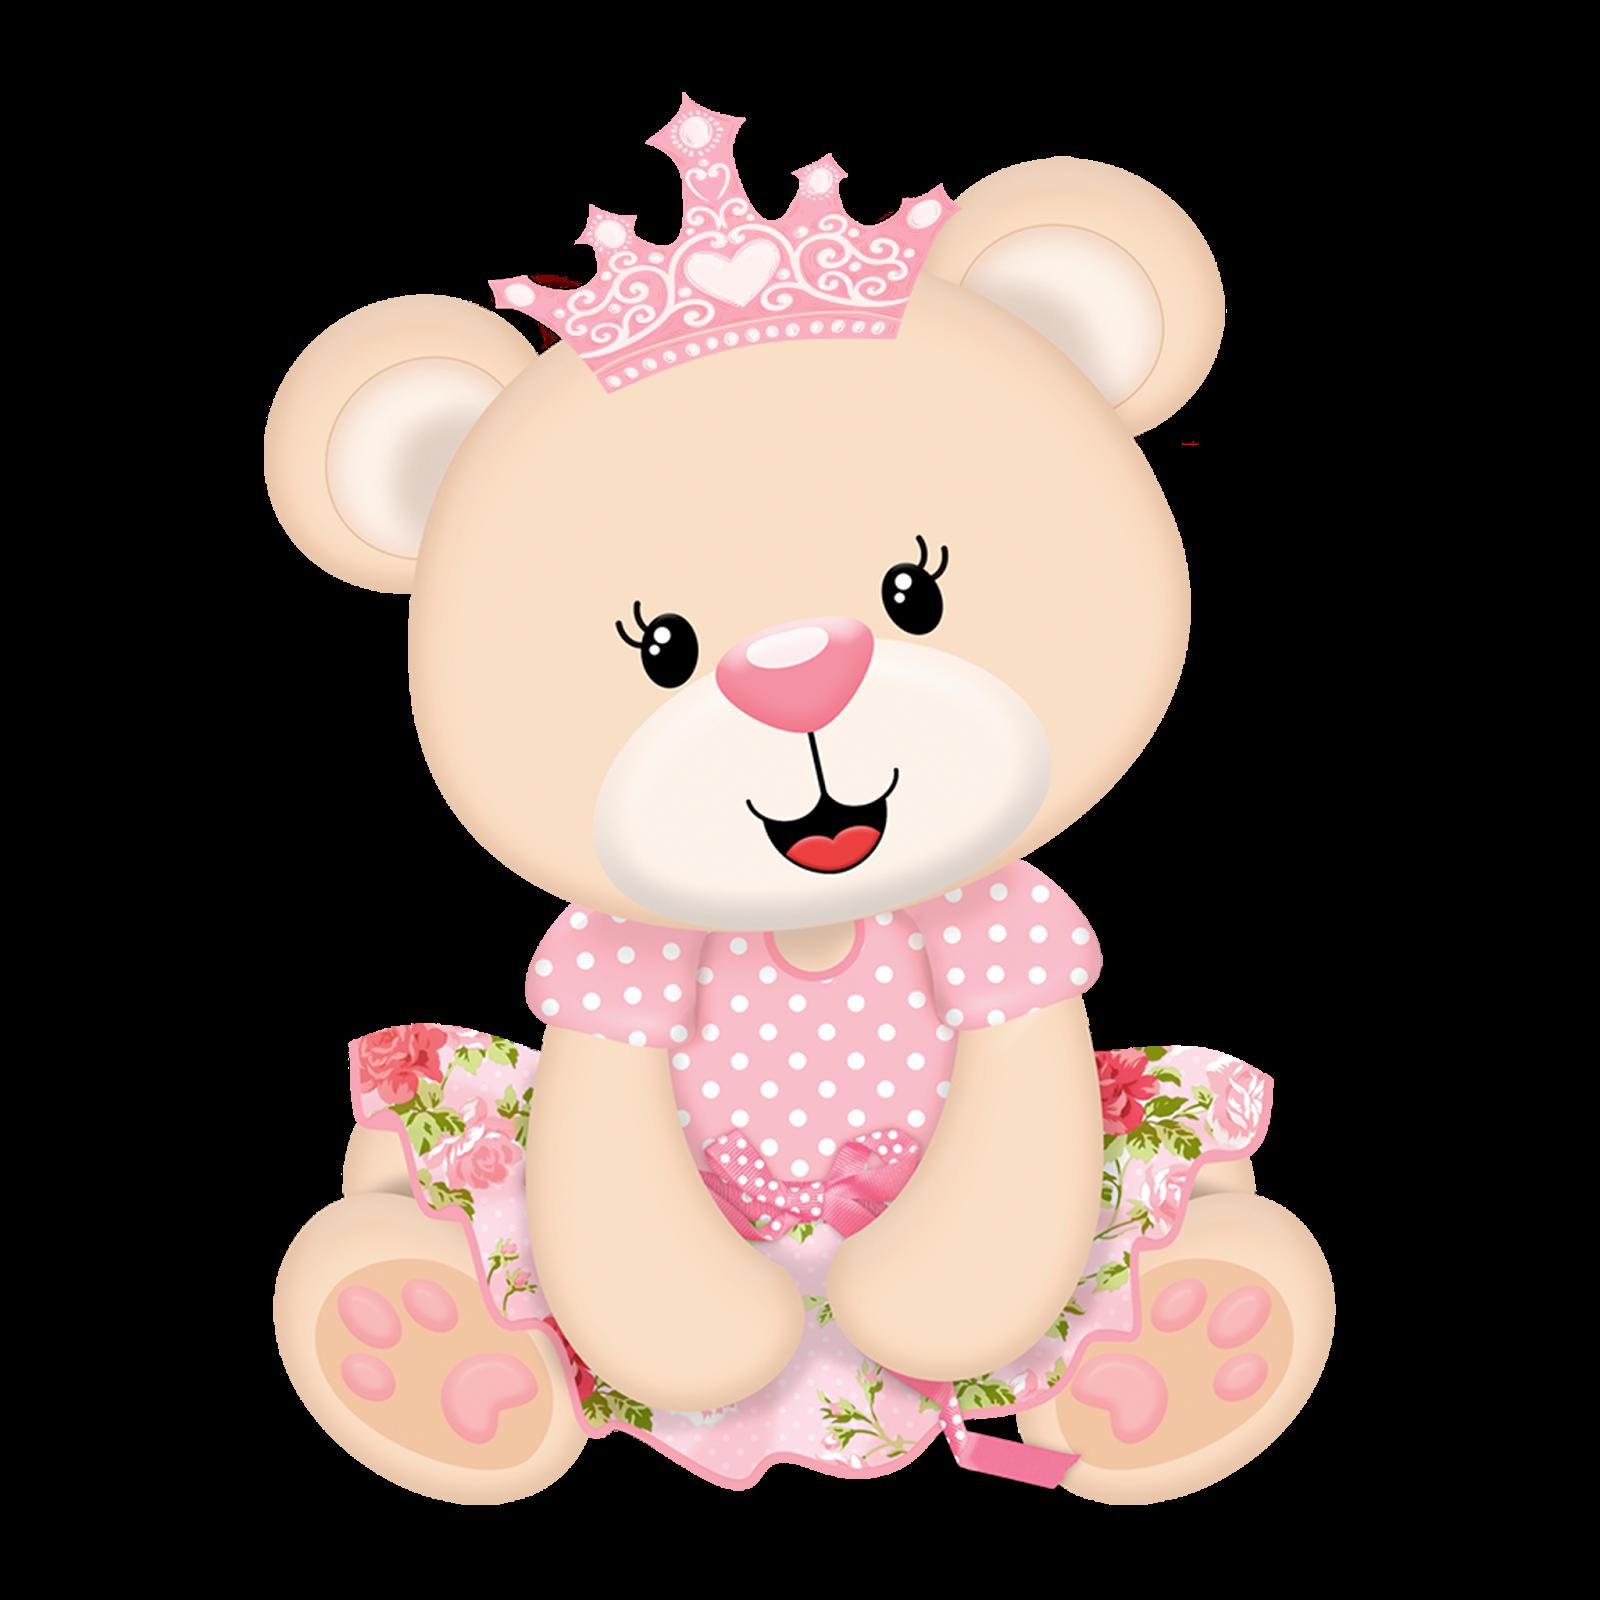 Pin De Blanka Dolinar Em Png: Tema Ursinha Princesa: Convites E Tags Gratuito Para Você